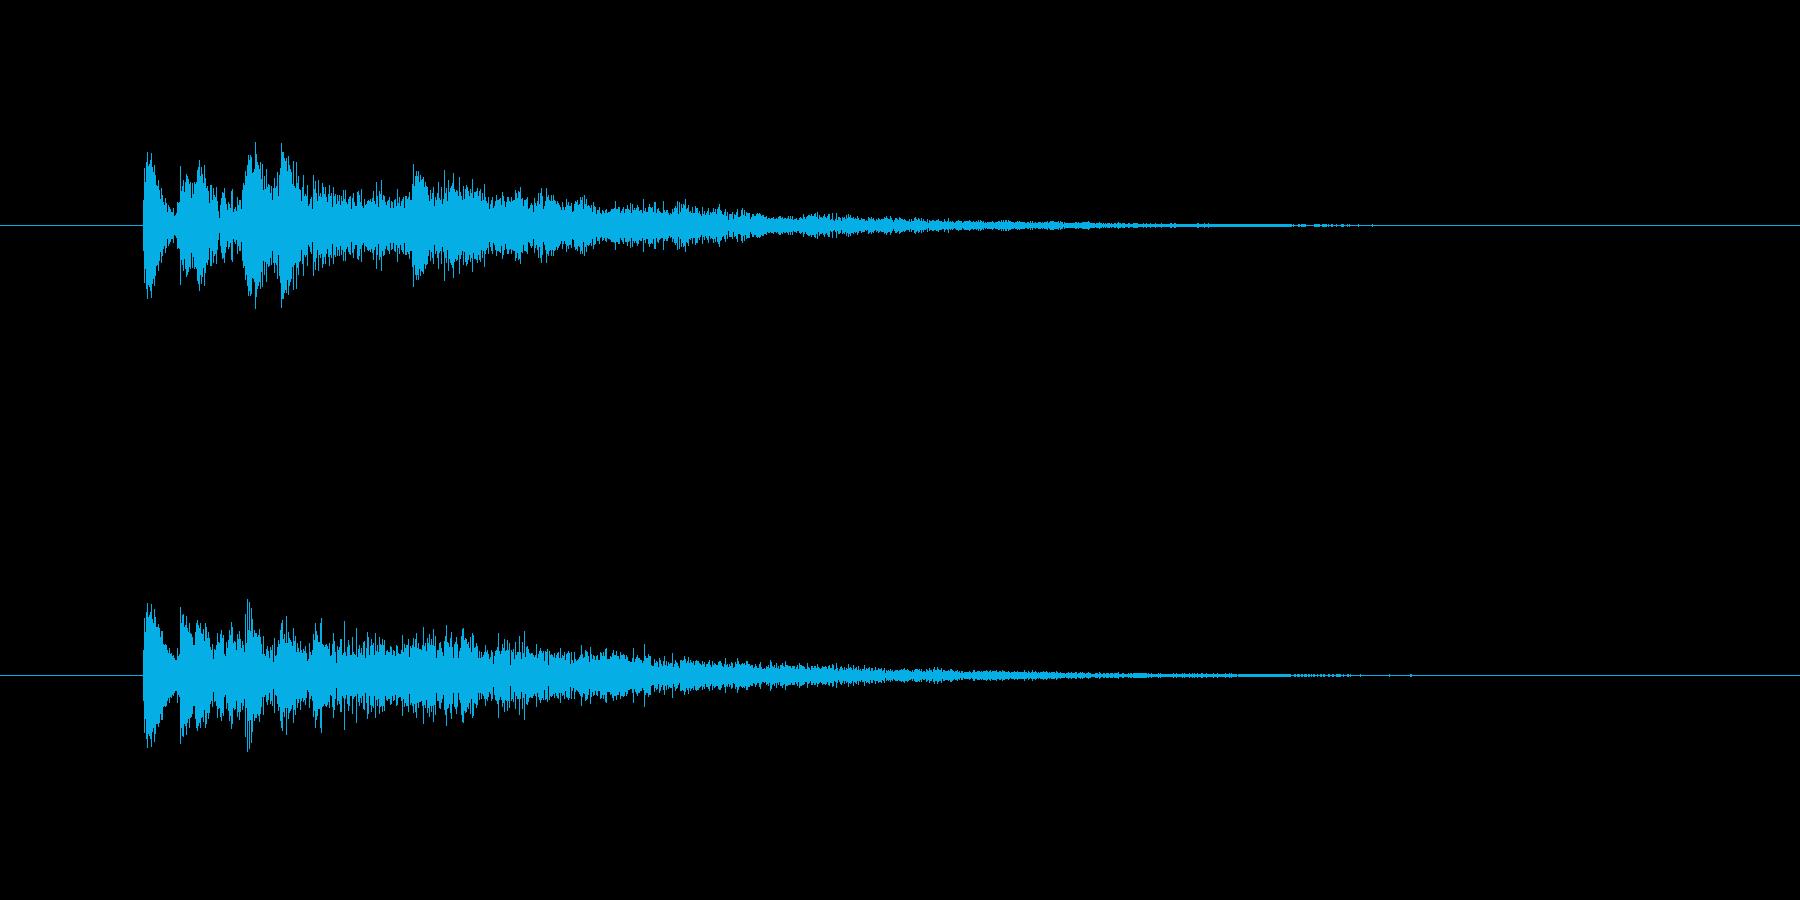 やや機械的で優しい雰囲気のあるサウンド…の再生済みの波形